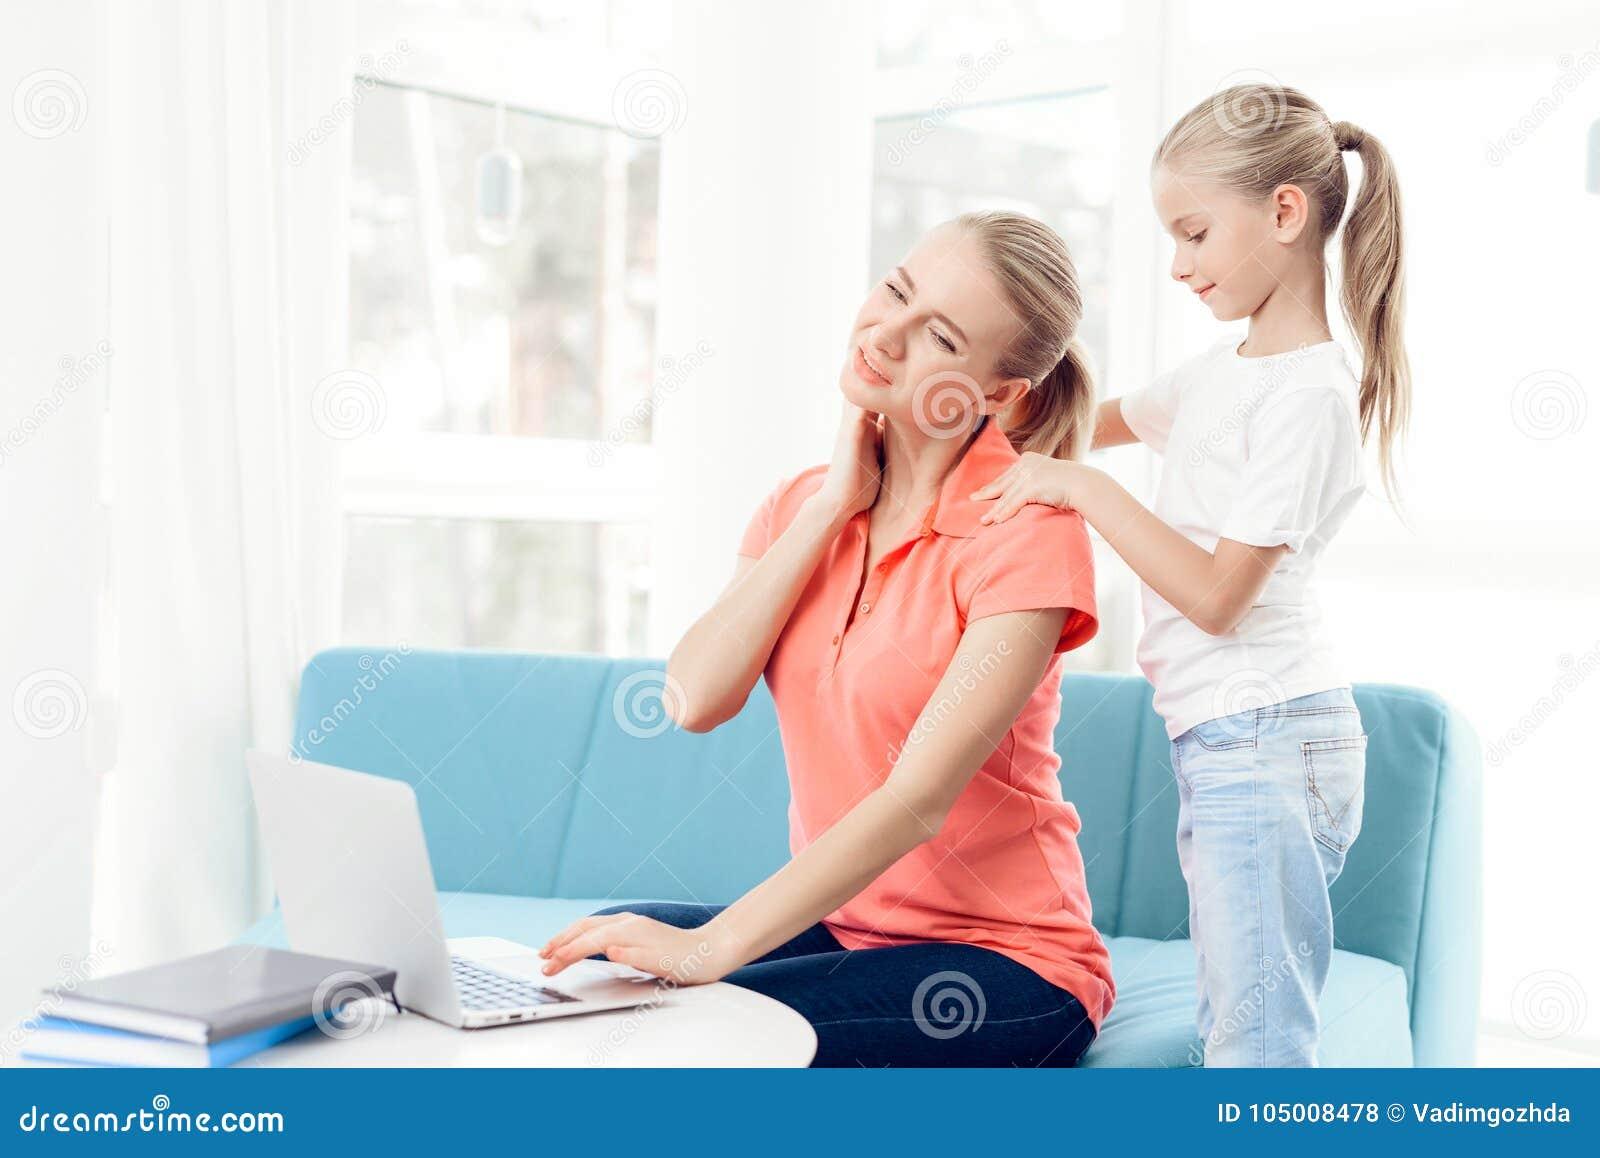 Modern är passionerad om att arbeta på en bärbar dator Döttrar har inte nog uppmärksamhet från moder